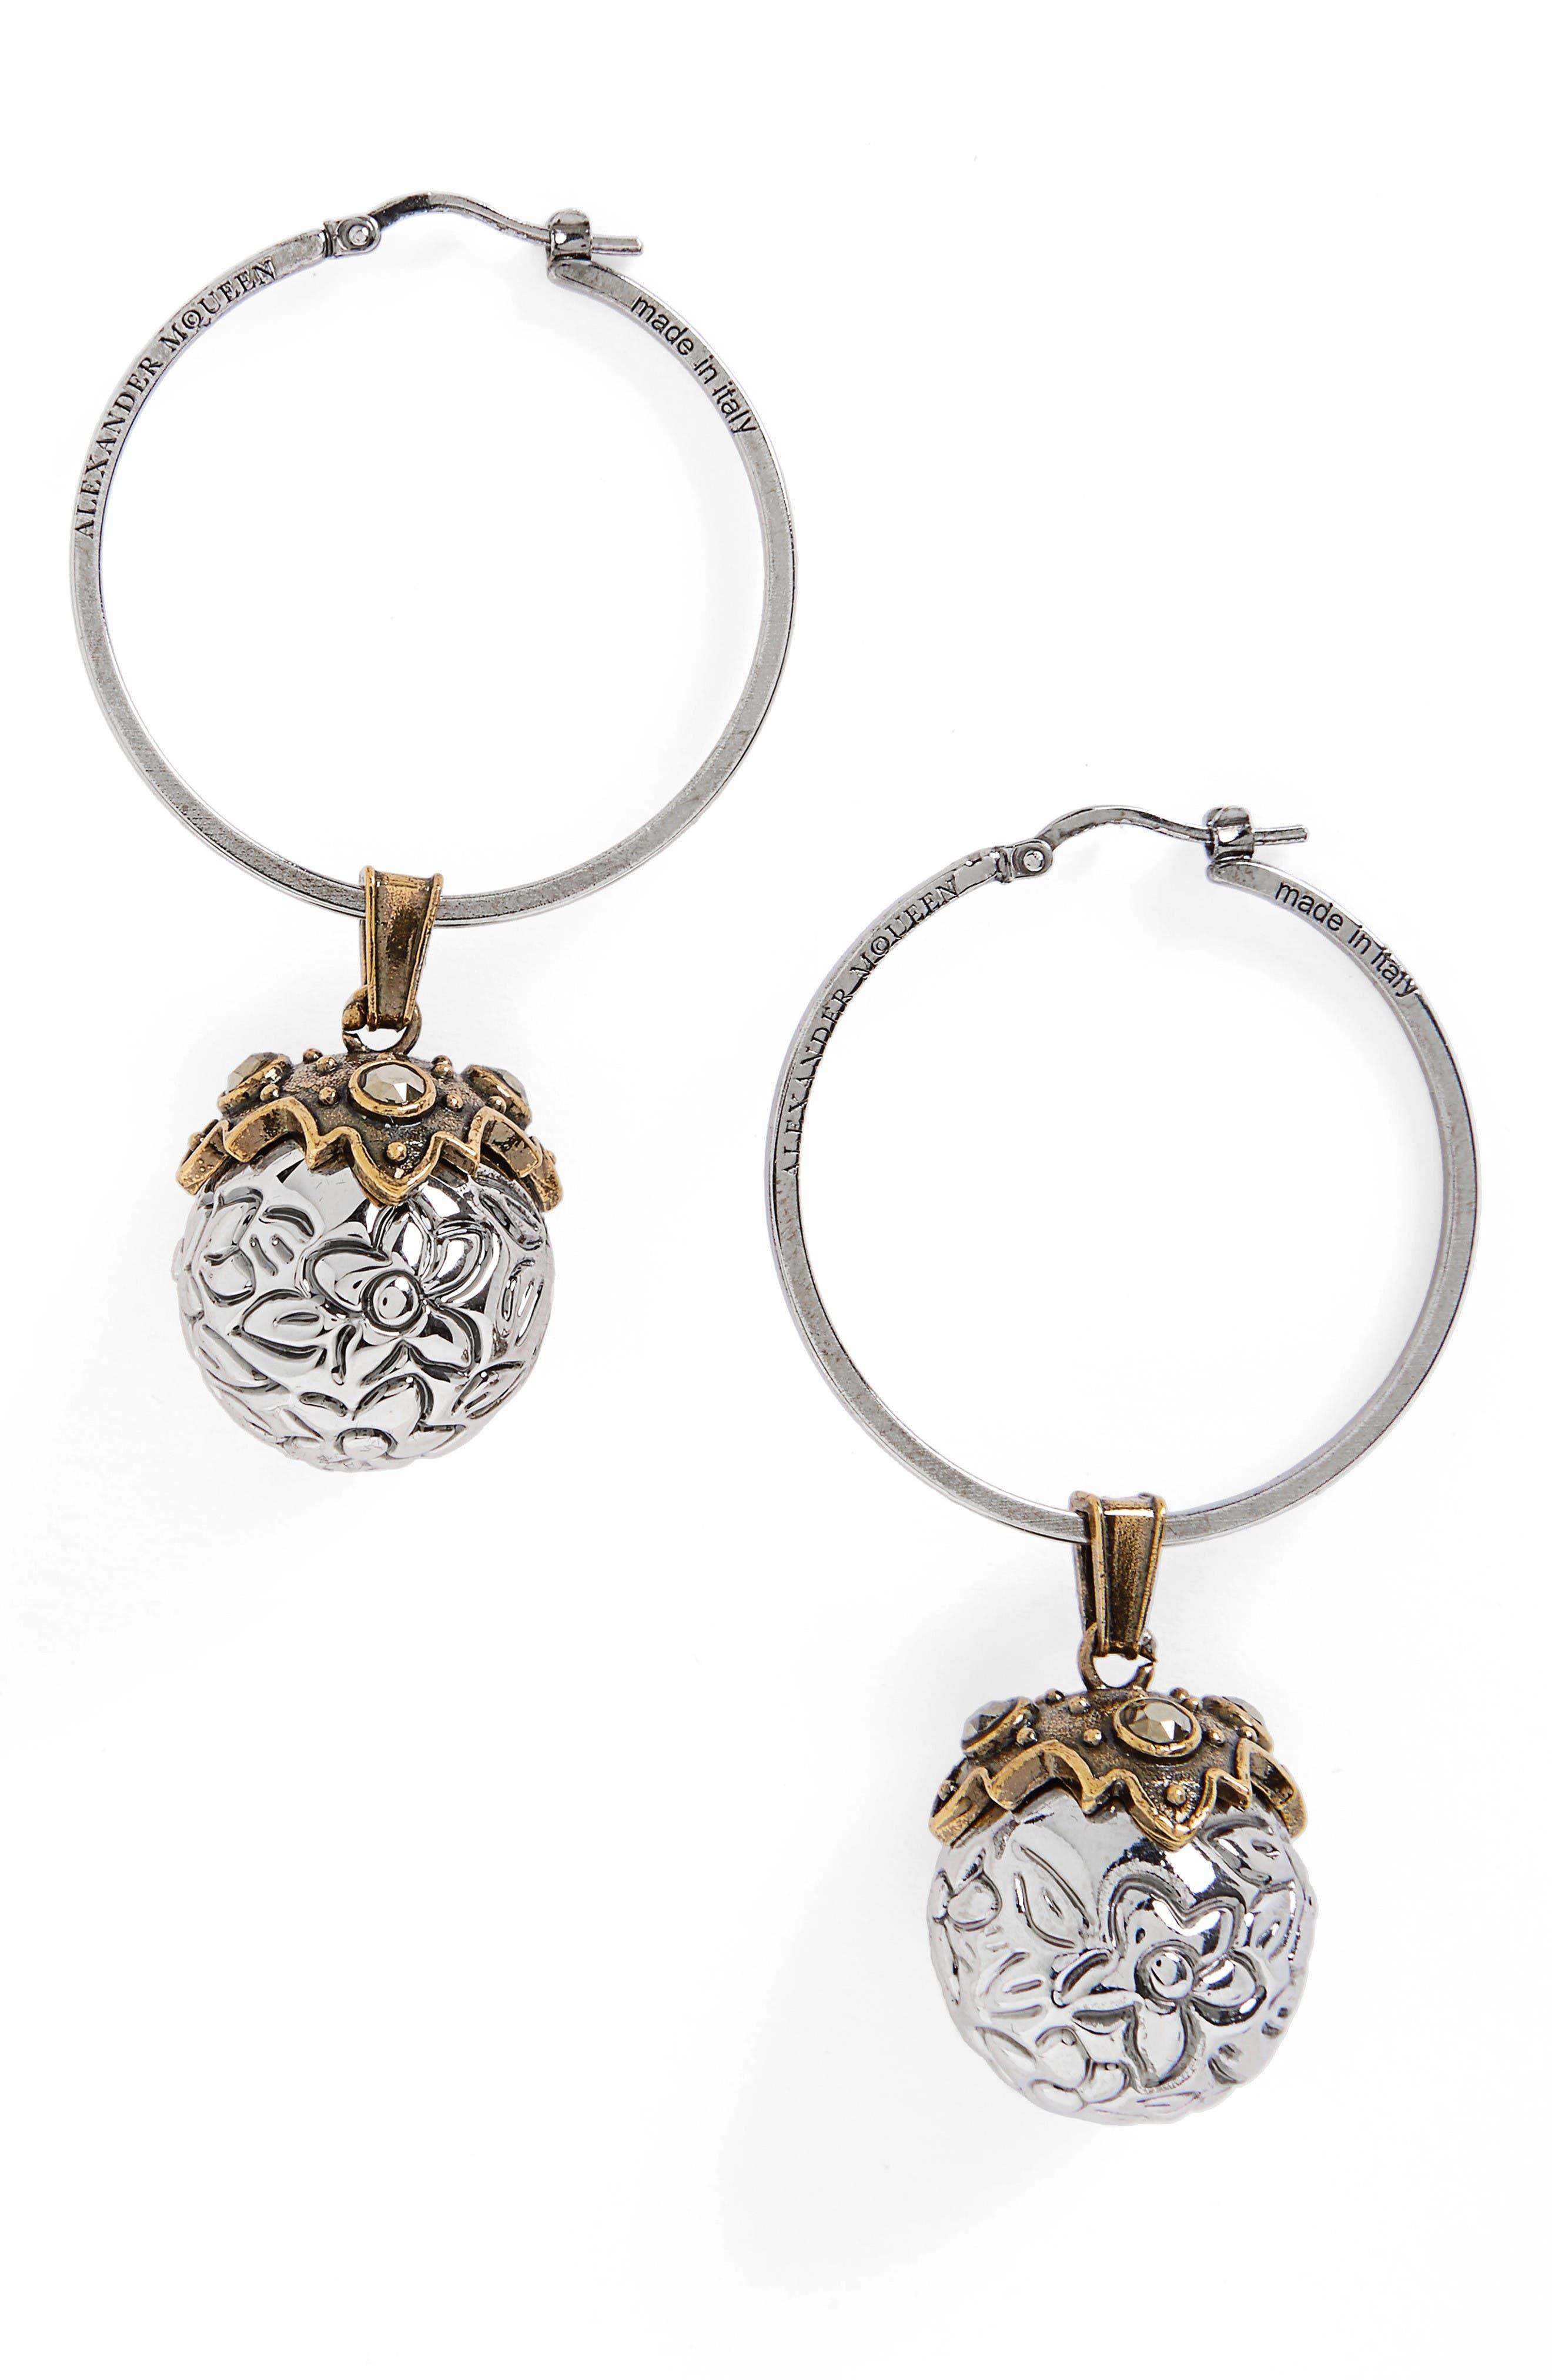 Alternate Image 1 Selected - Alexander McQueen Metallic Sphere Earrings